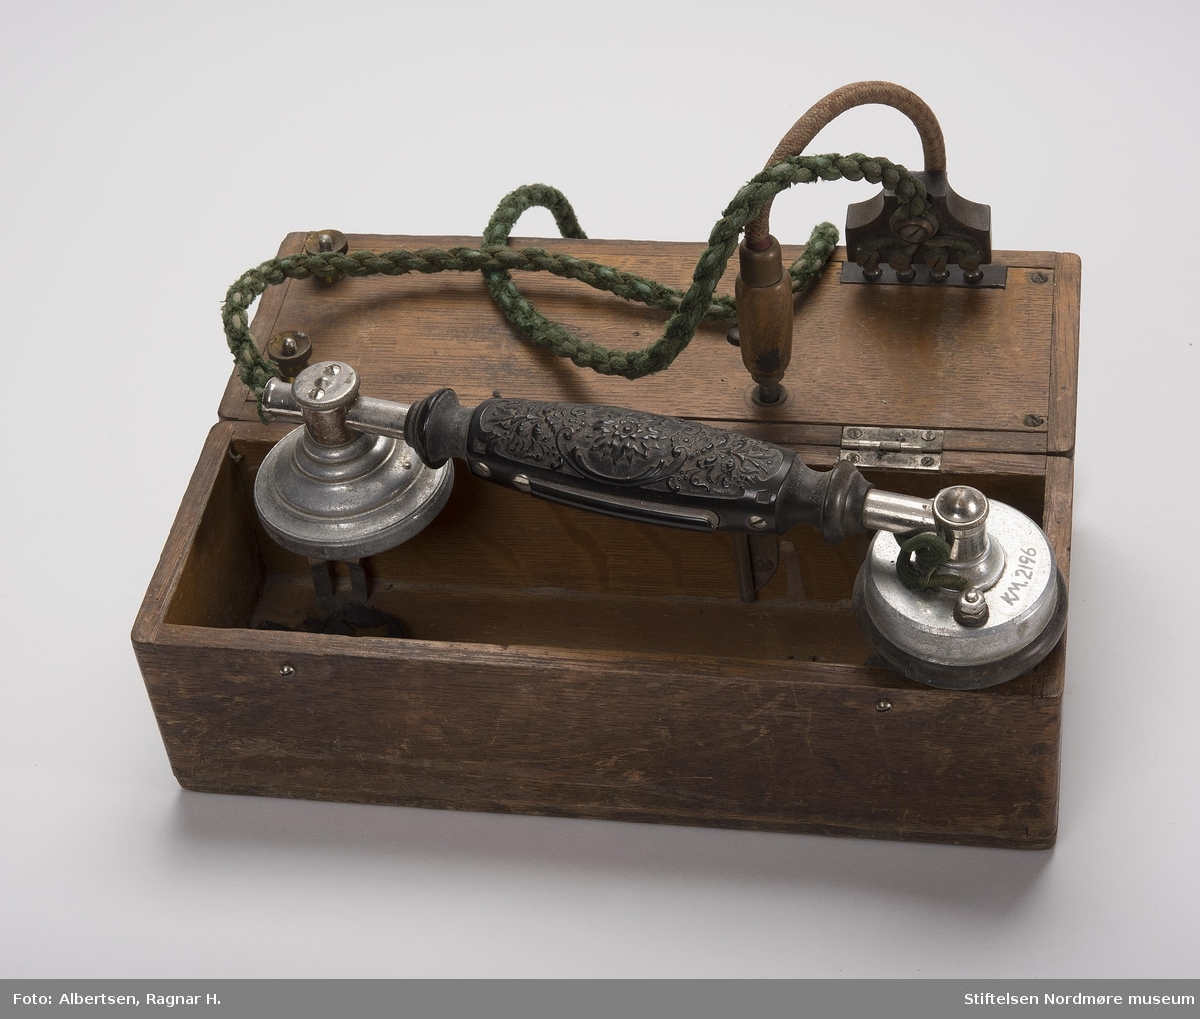 BESKR: Kassen har lærhank på lokket. Innvendig er det to rom. Luren festes til klemmer under lokket. Den plugges fast i et støpsel i en trebunn som ligger over batteriet. En løs ledning plugges fast i kassen og til ledningnettet.  DELER: Kasse, lur, ledning.